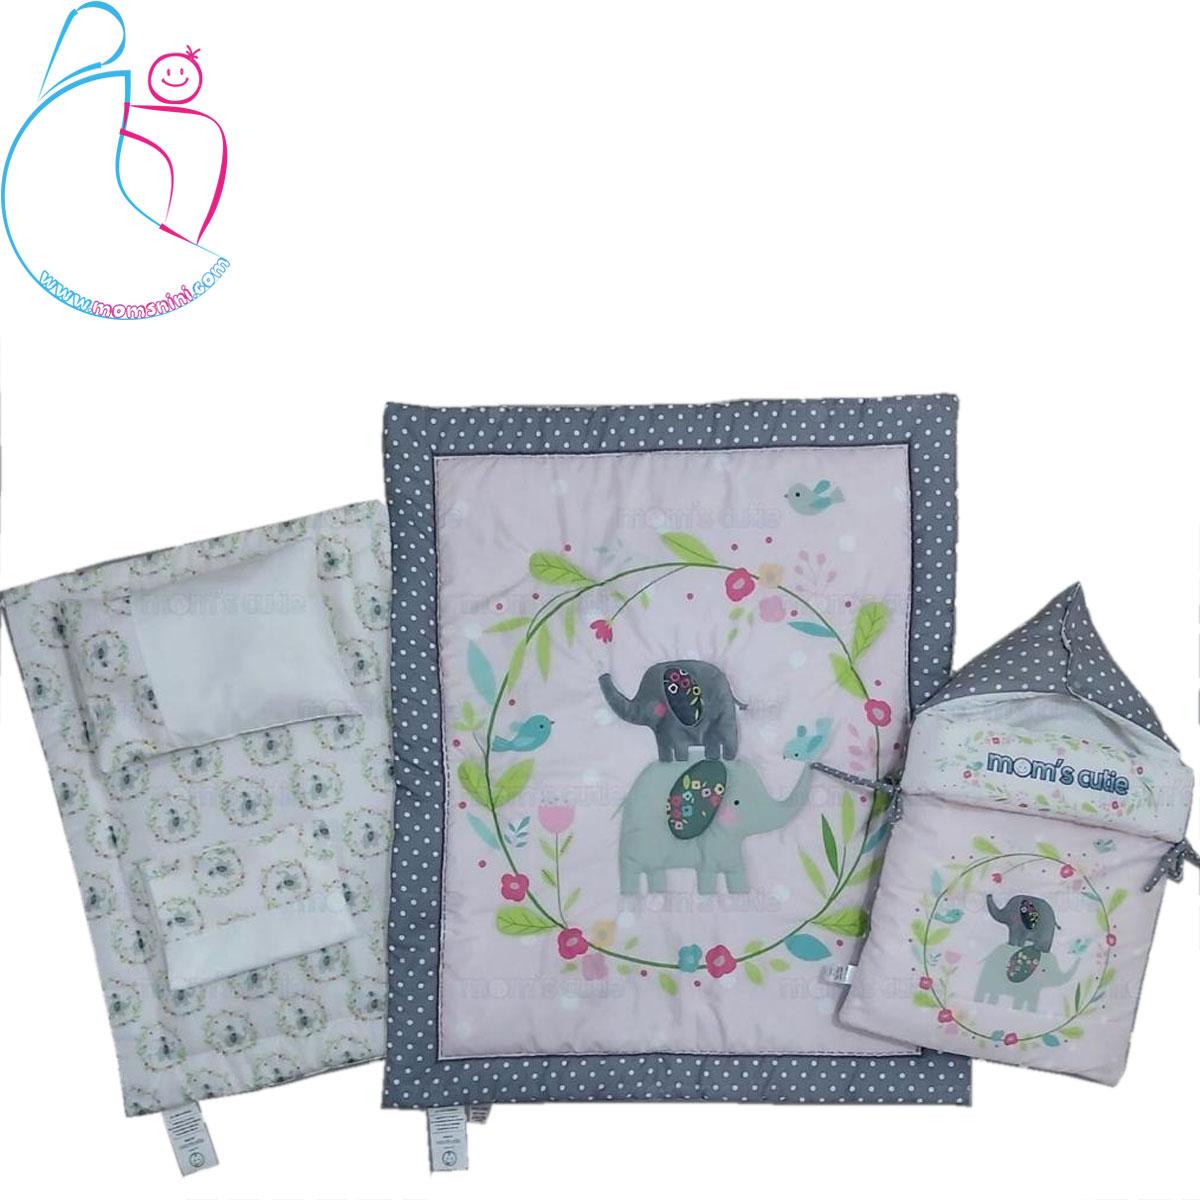 سرویس خواب ۴ تکه کودک مدل فیل و گل